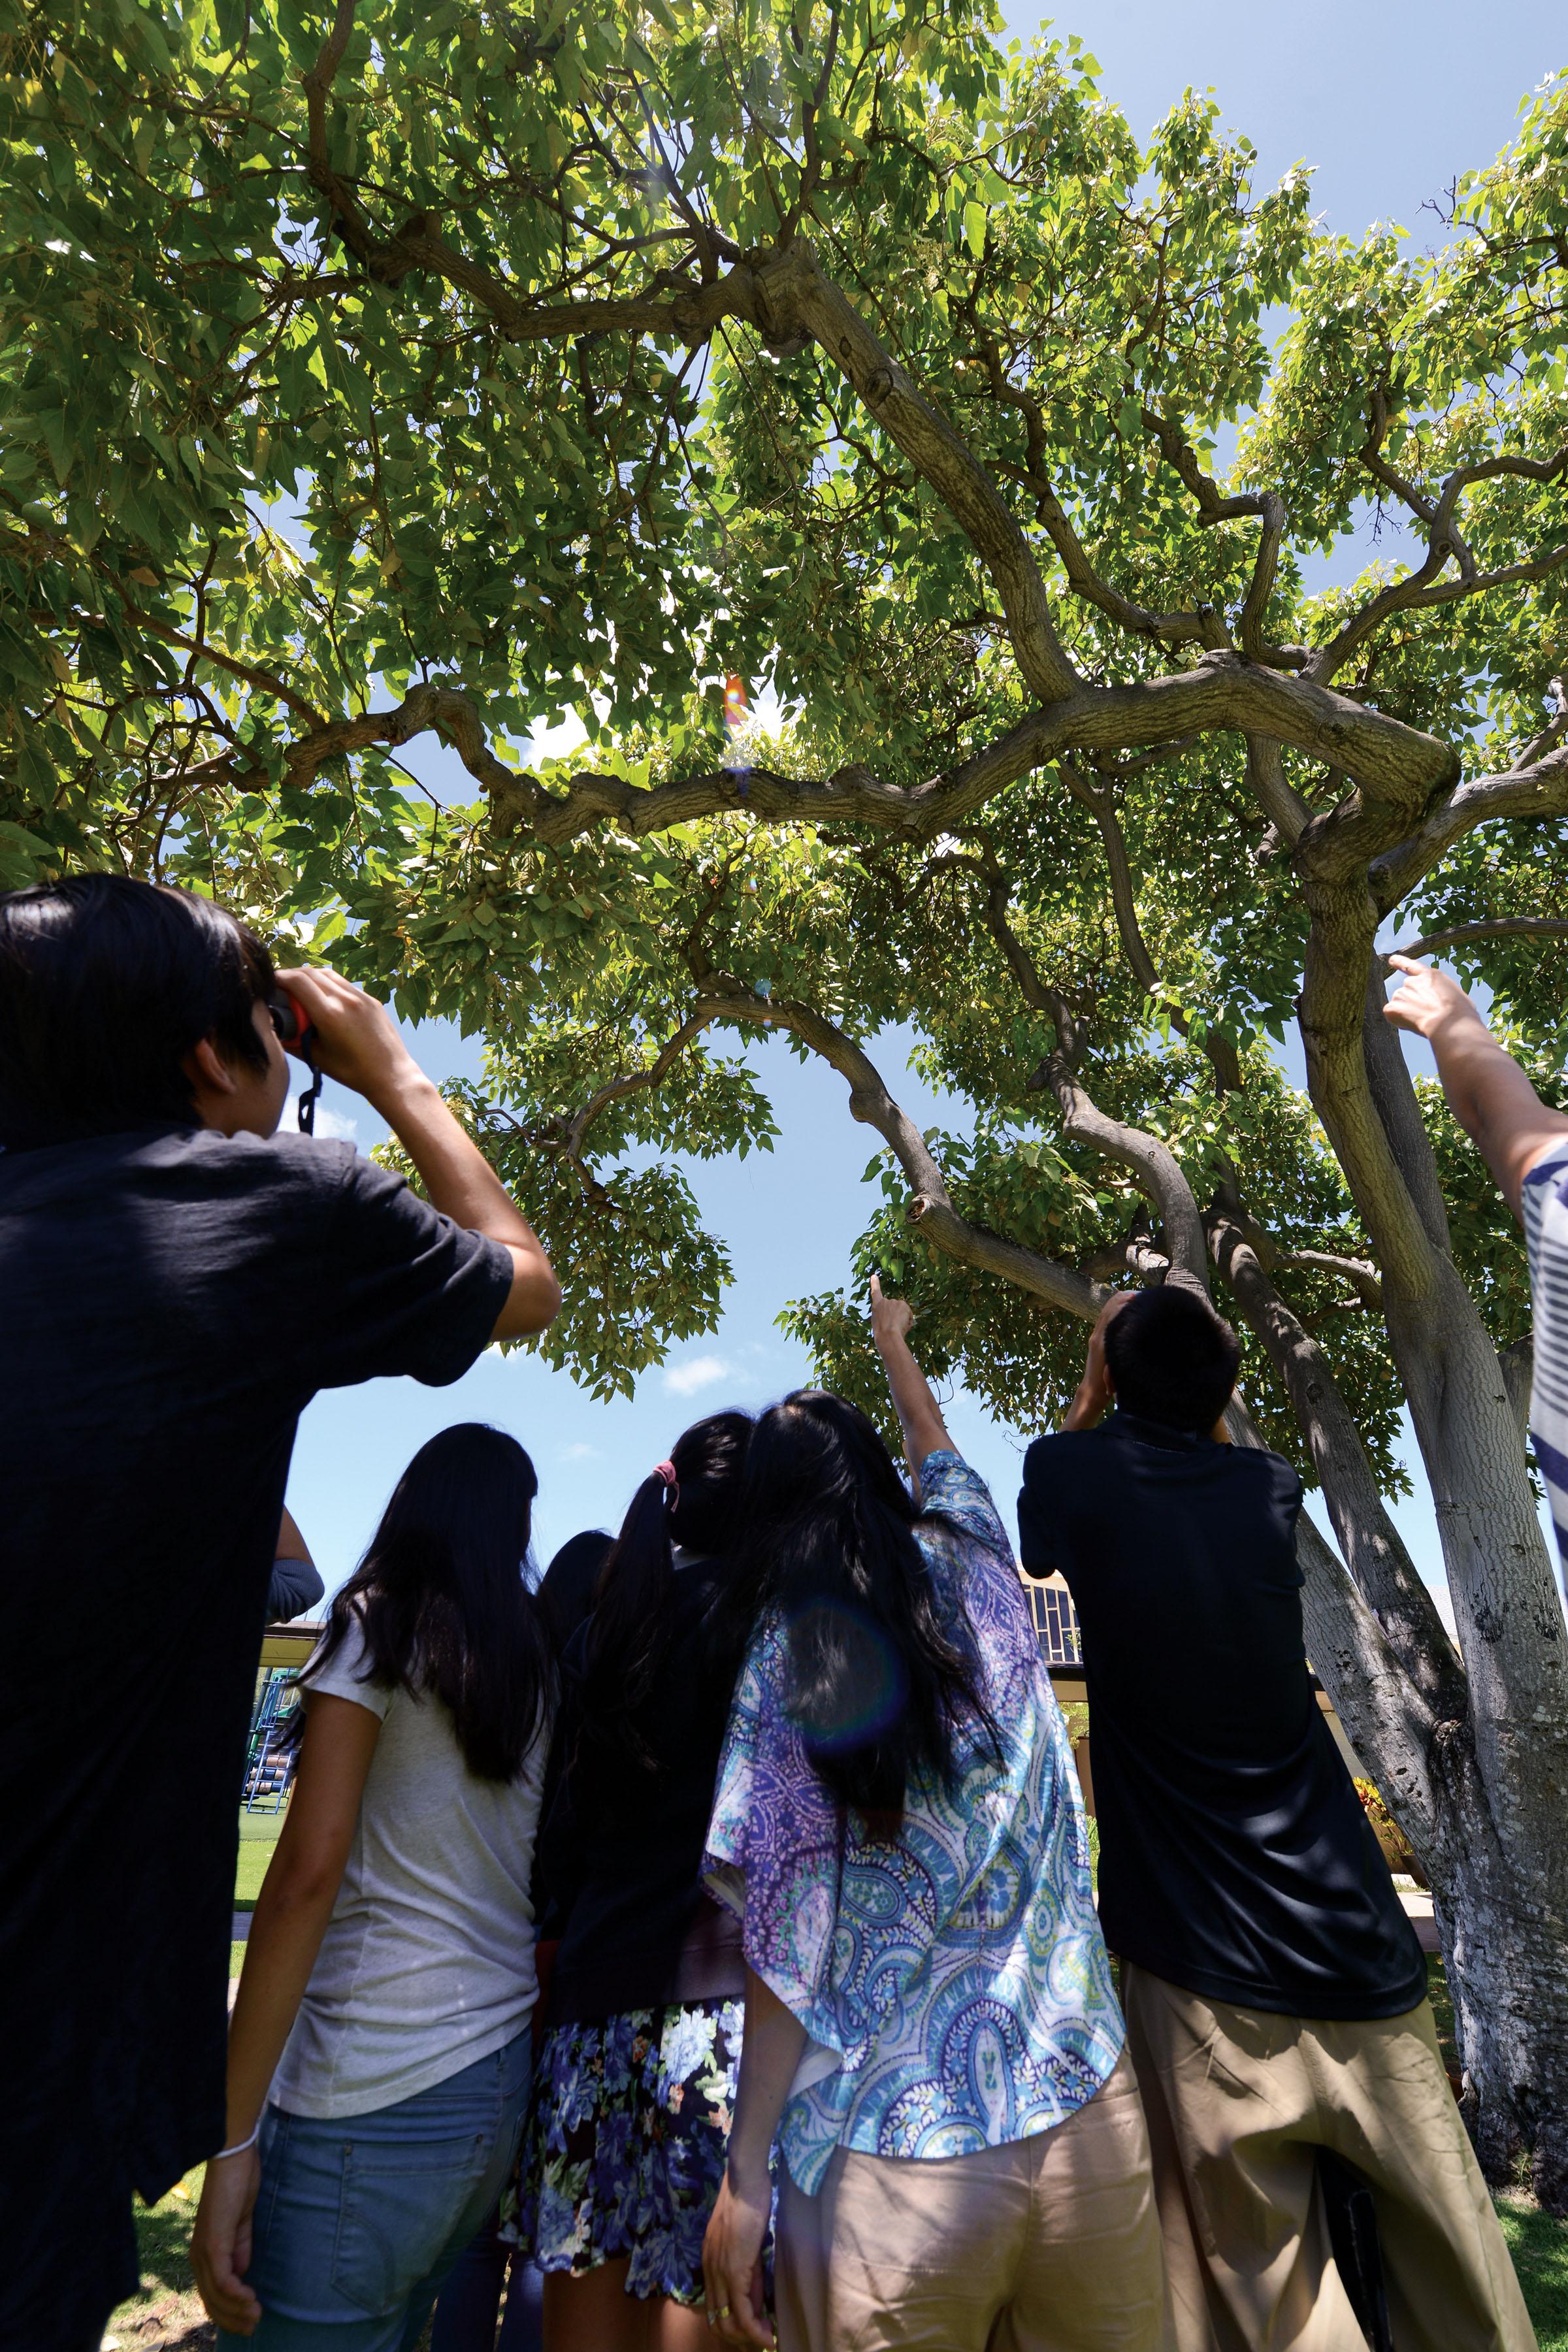 Photo by Rich Downs, Manu o Ku Hui Coordinator and Audubon Society Board Member.